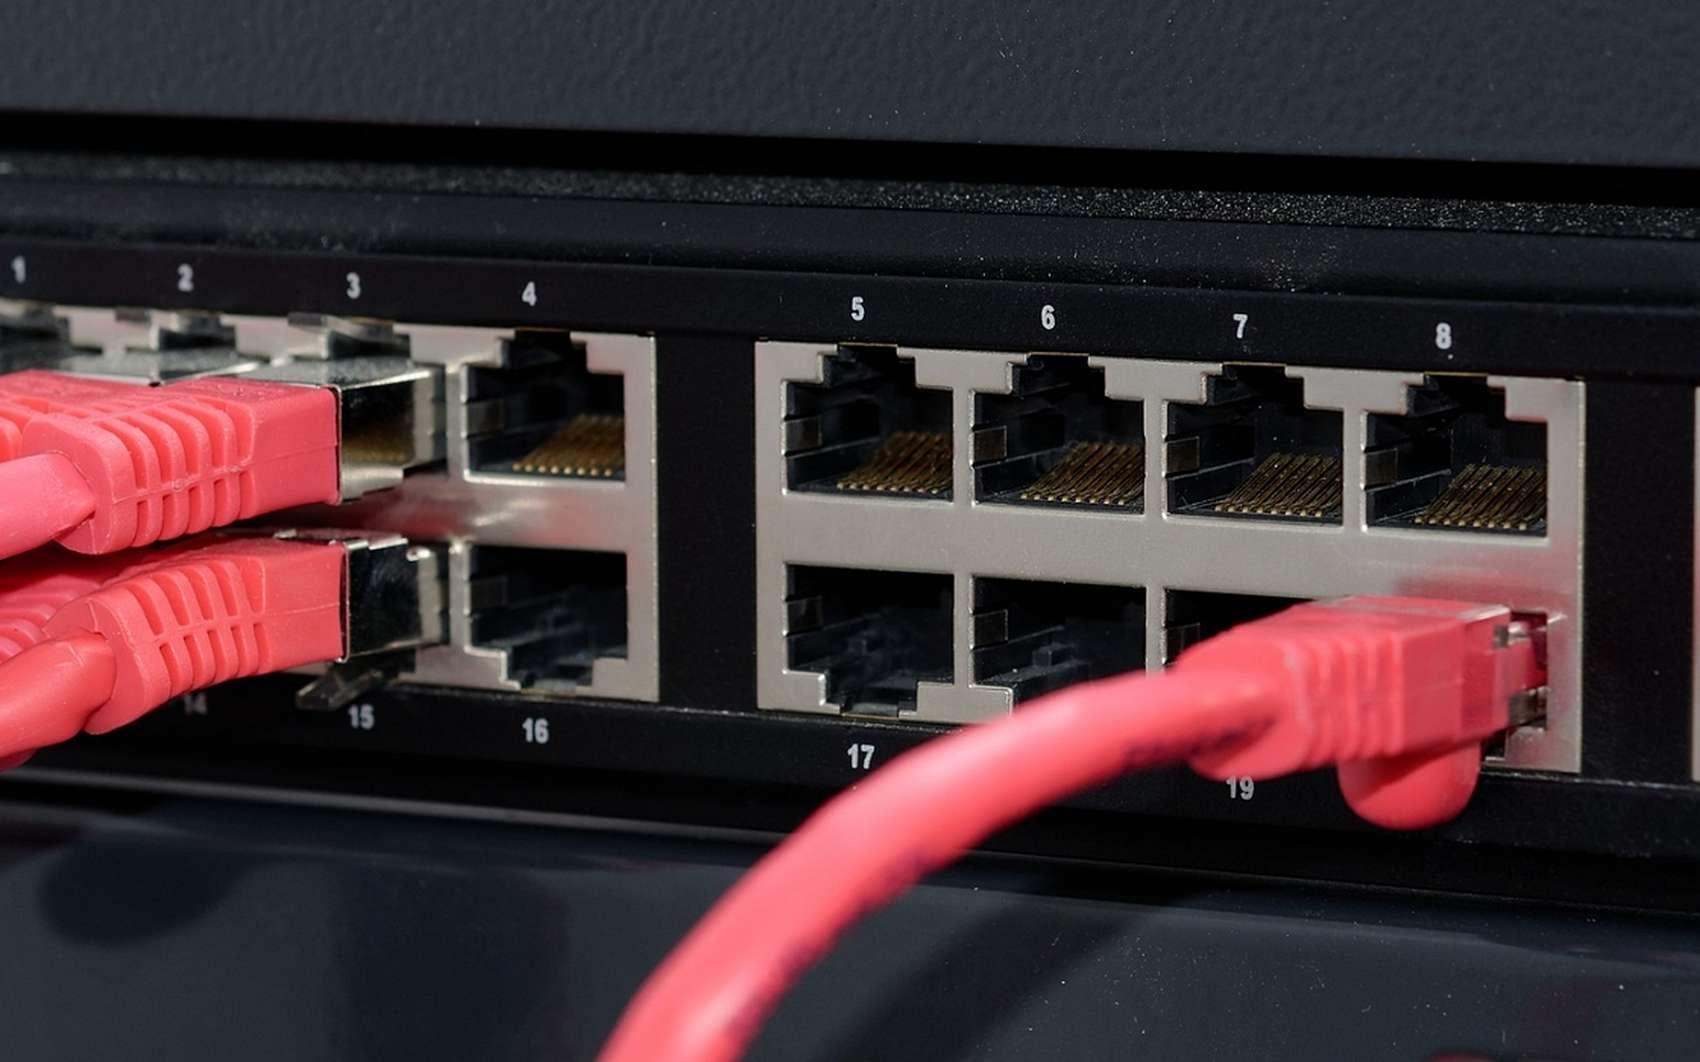 Un switch réseau dispose de nombreux ports RJ45. © Pixabay.com